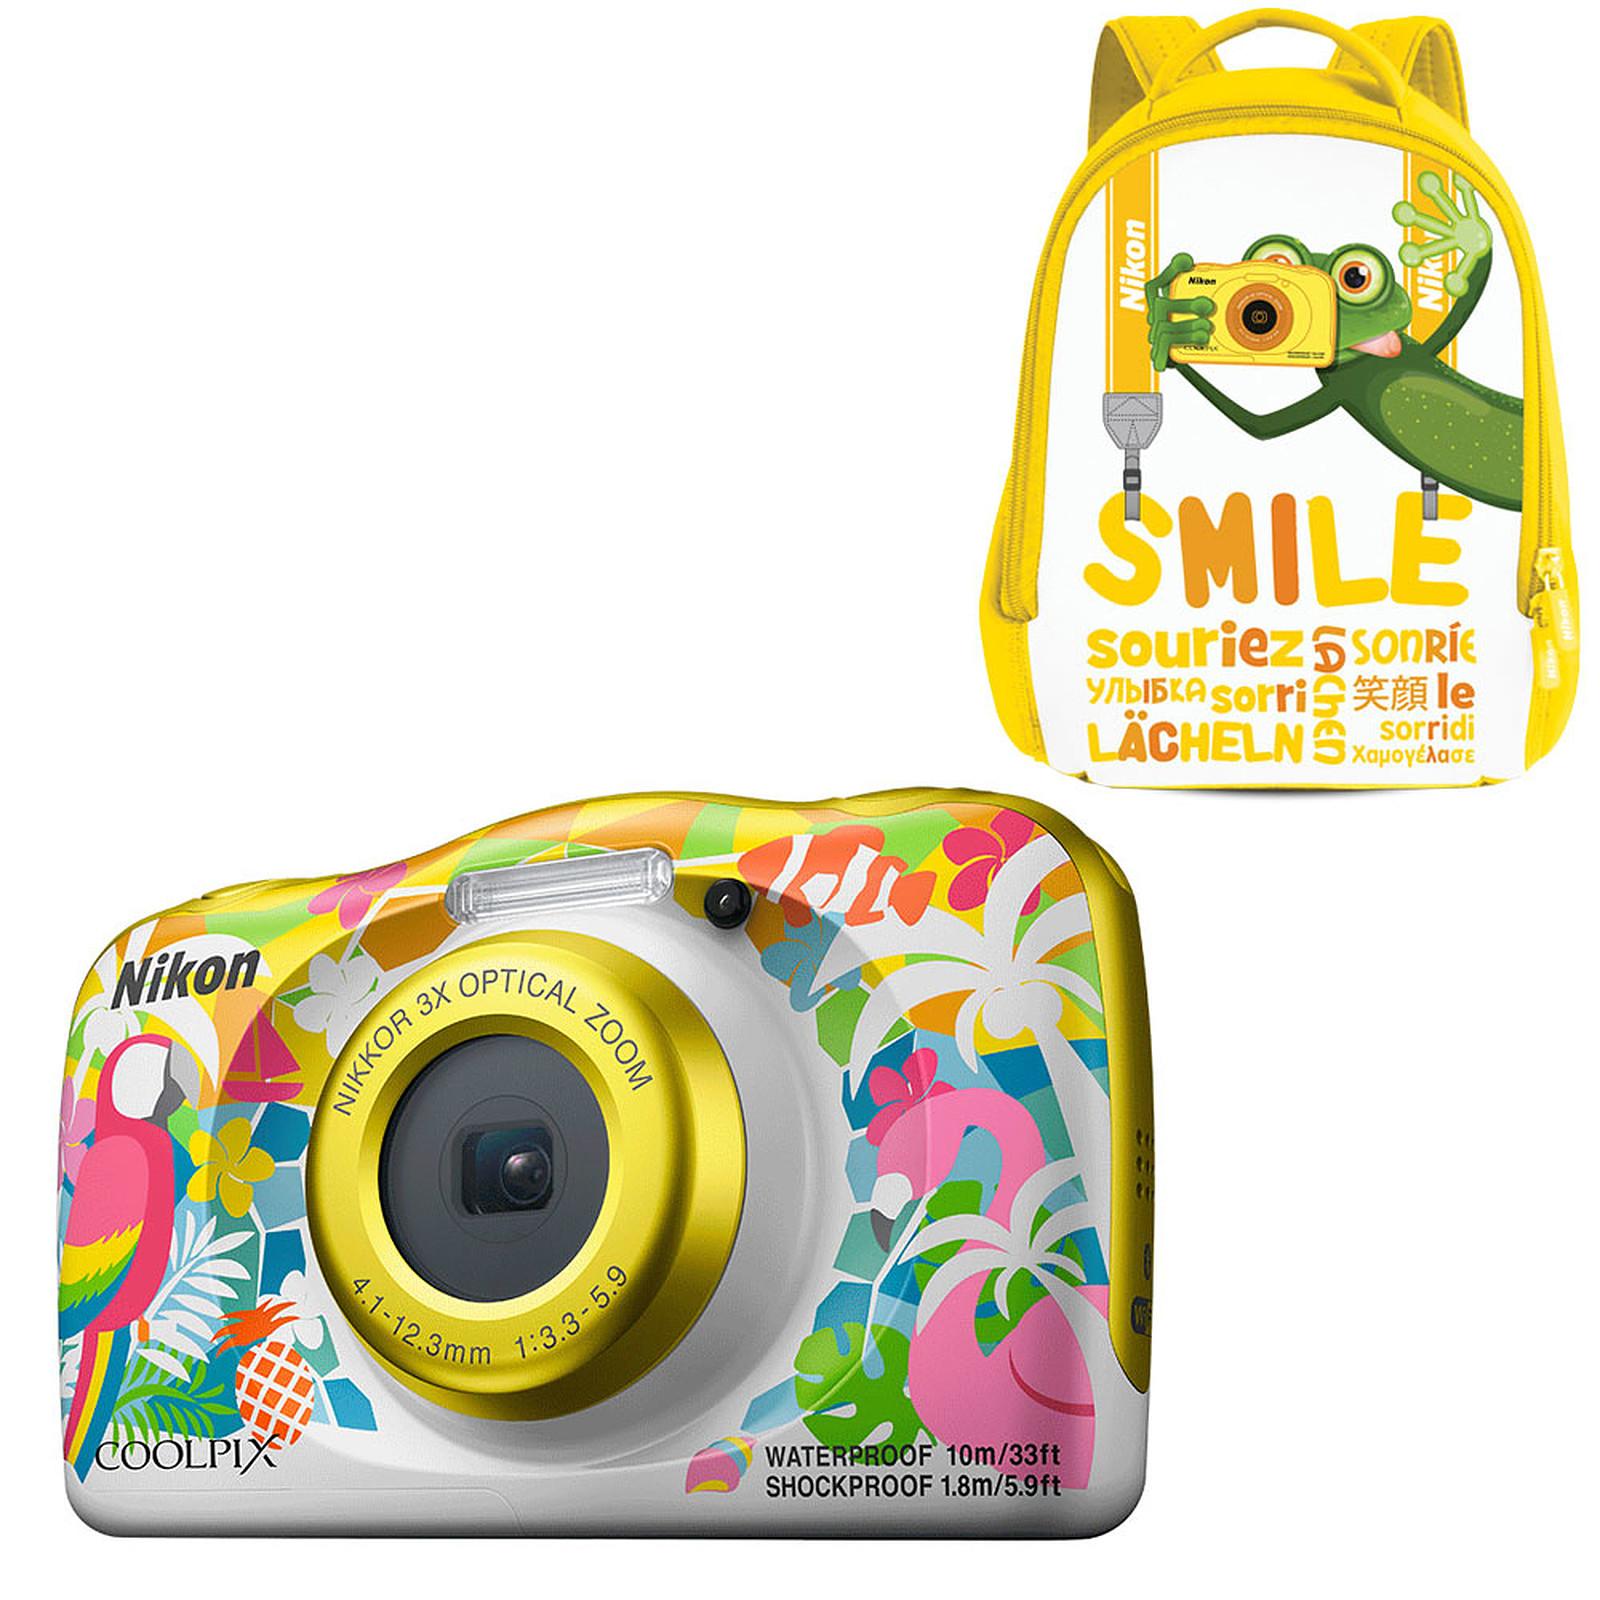 Nikon Coolpix W150 Plage + Sac à dos